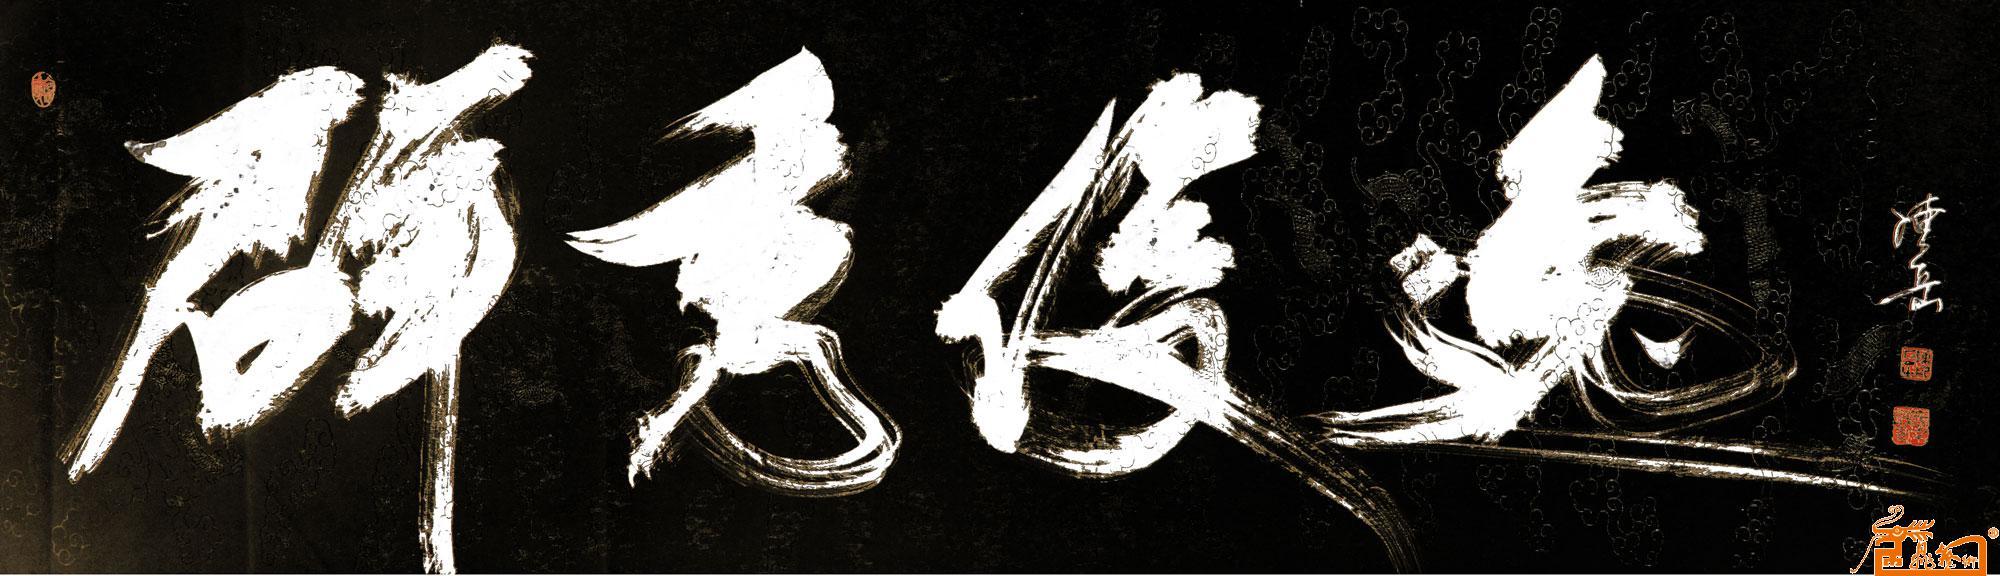 书法名家 陈岳 - 作品133图片